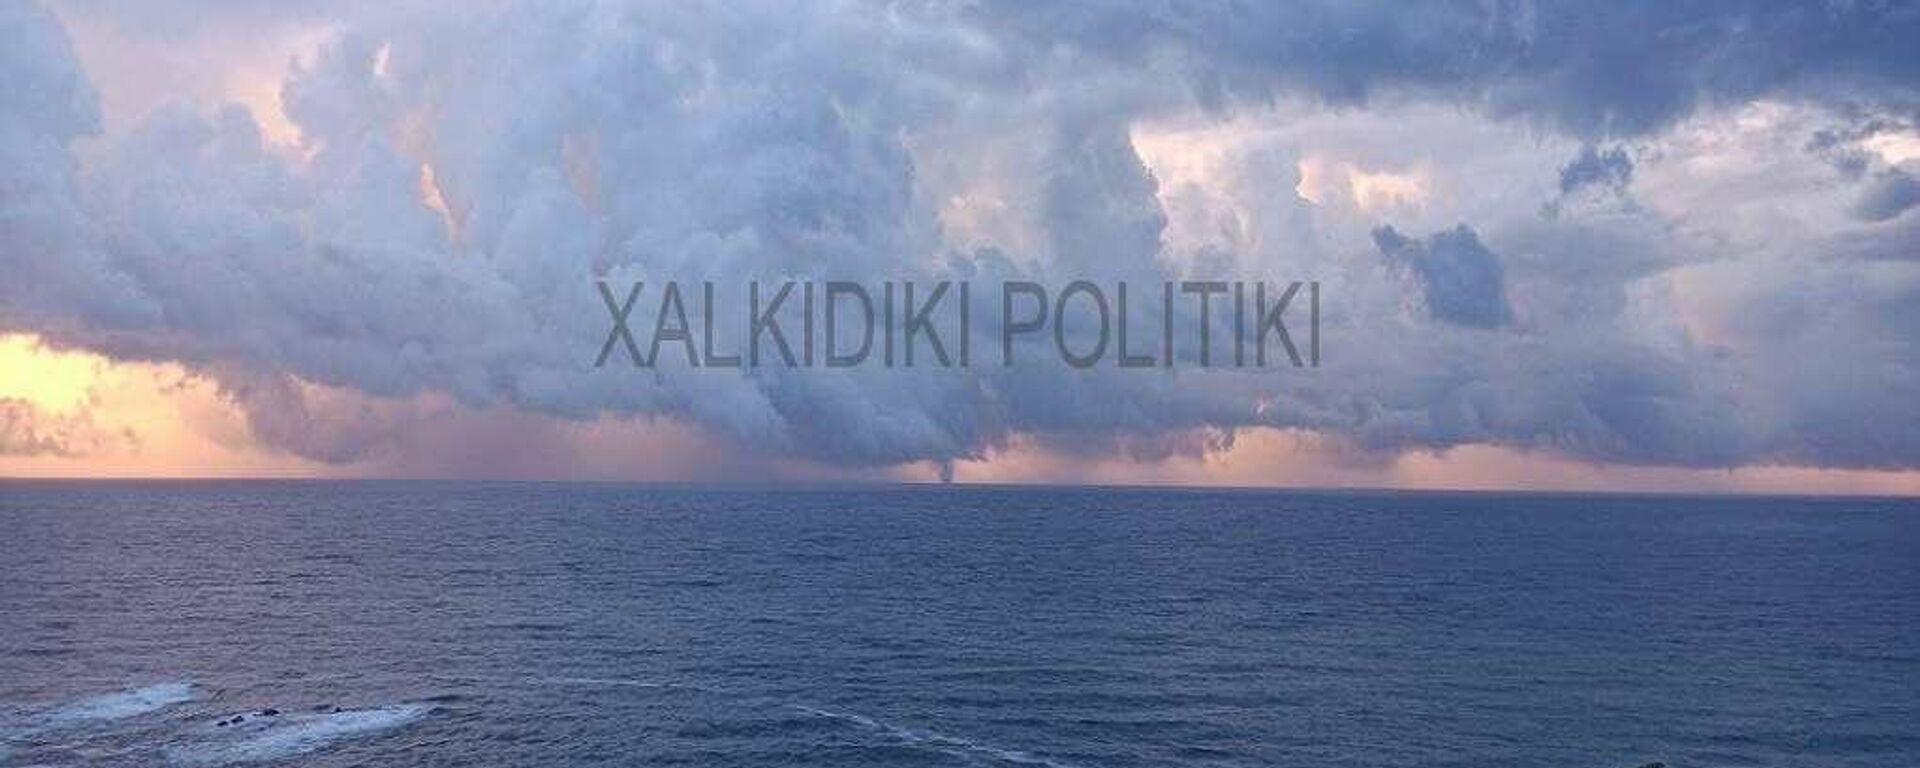 Υδροστρόβιλος στην Χαλκιδική - Sputnik Ελλάδα, 1920, 11.10.2021